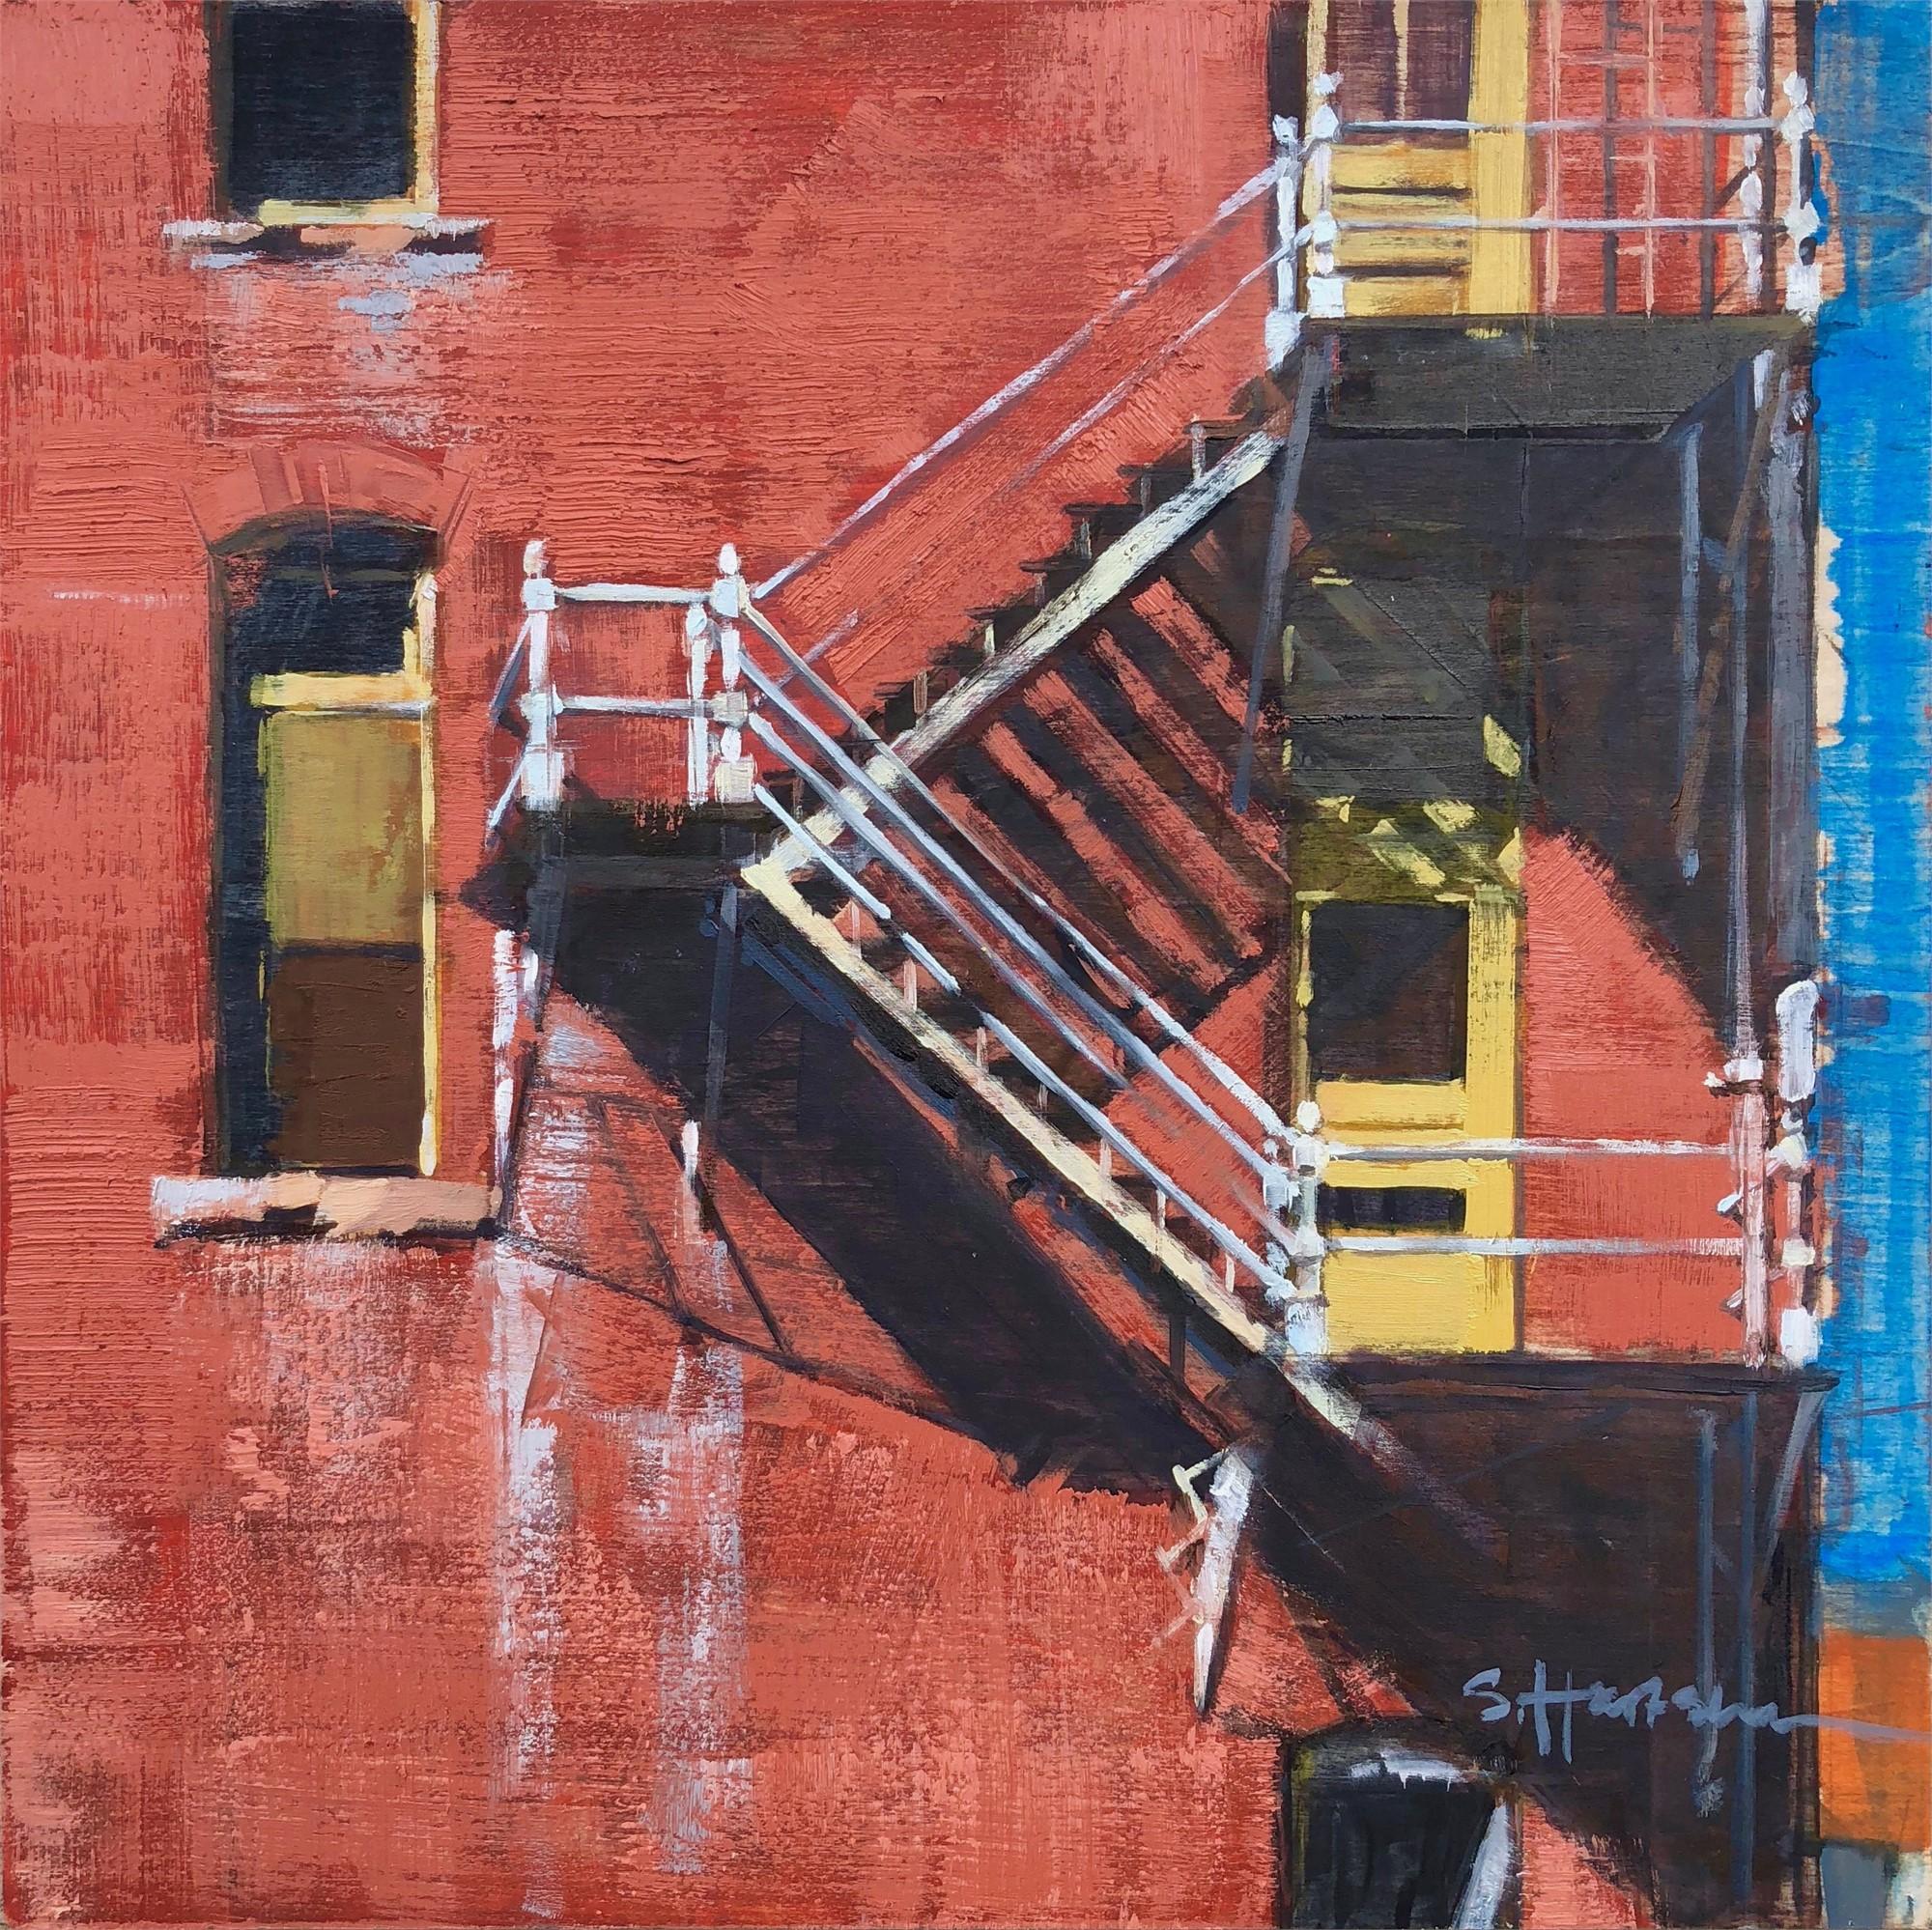 Shadow Step by Stephanie Hartshorn